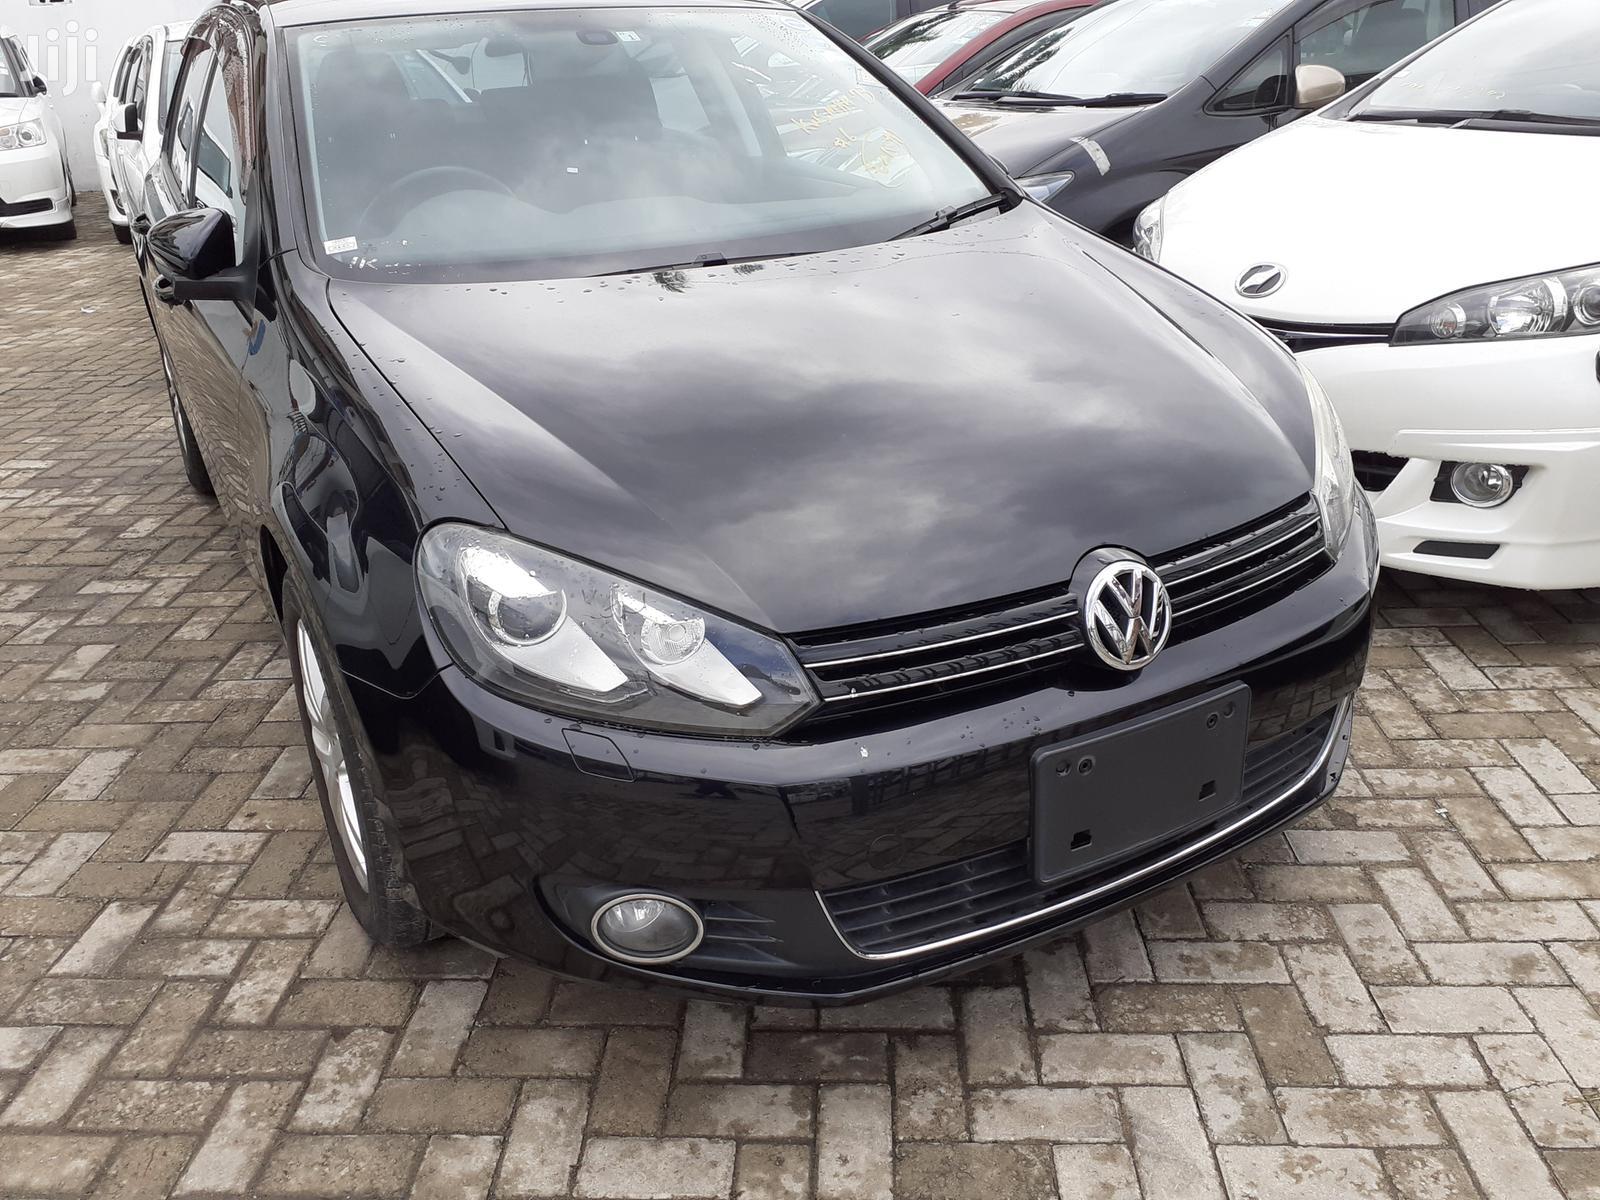 Archive: New Volkswagen Golf 2013 Black